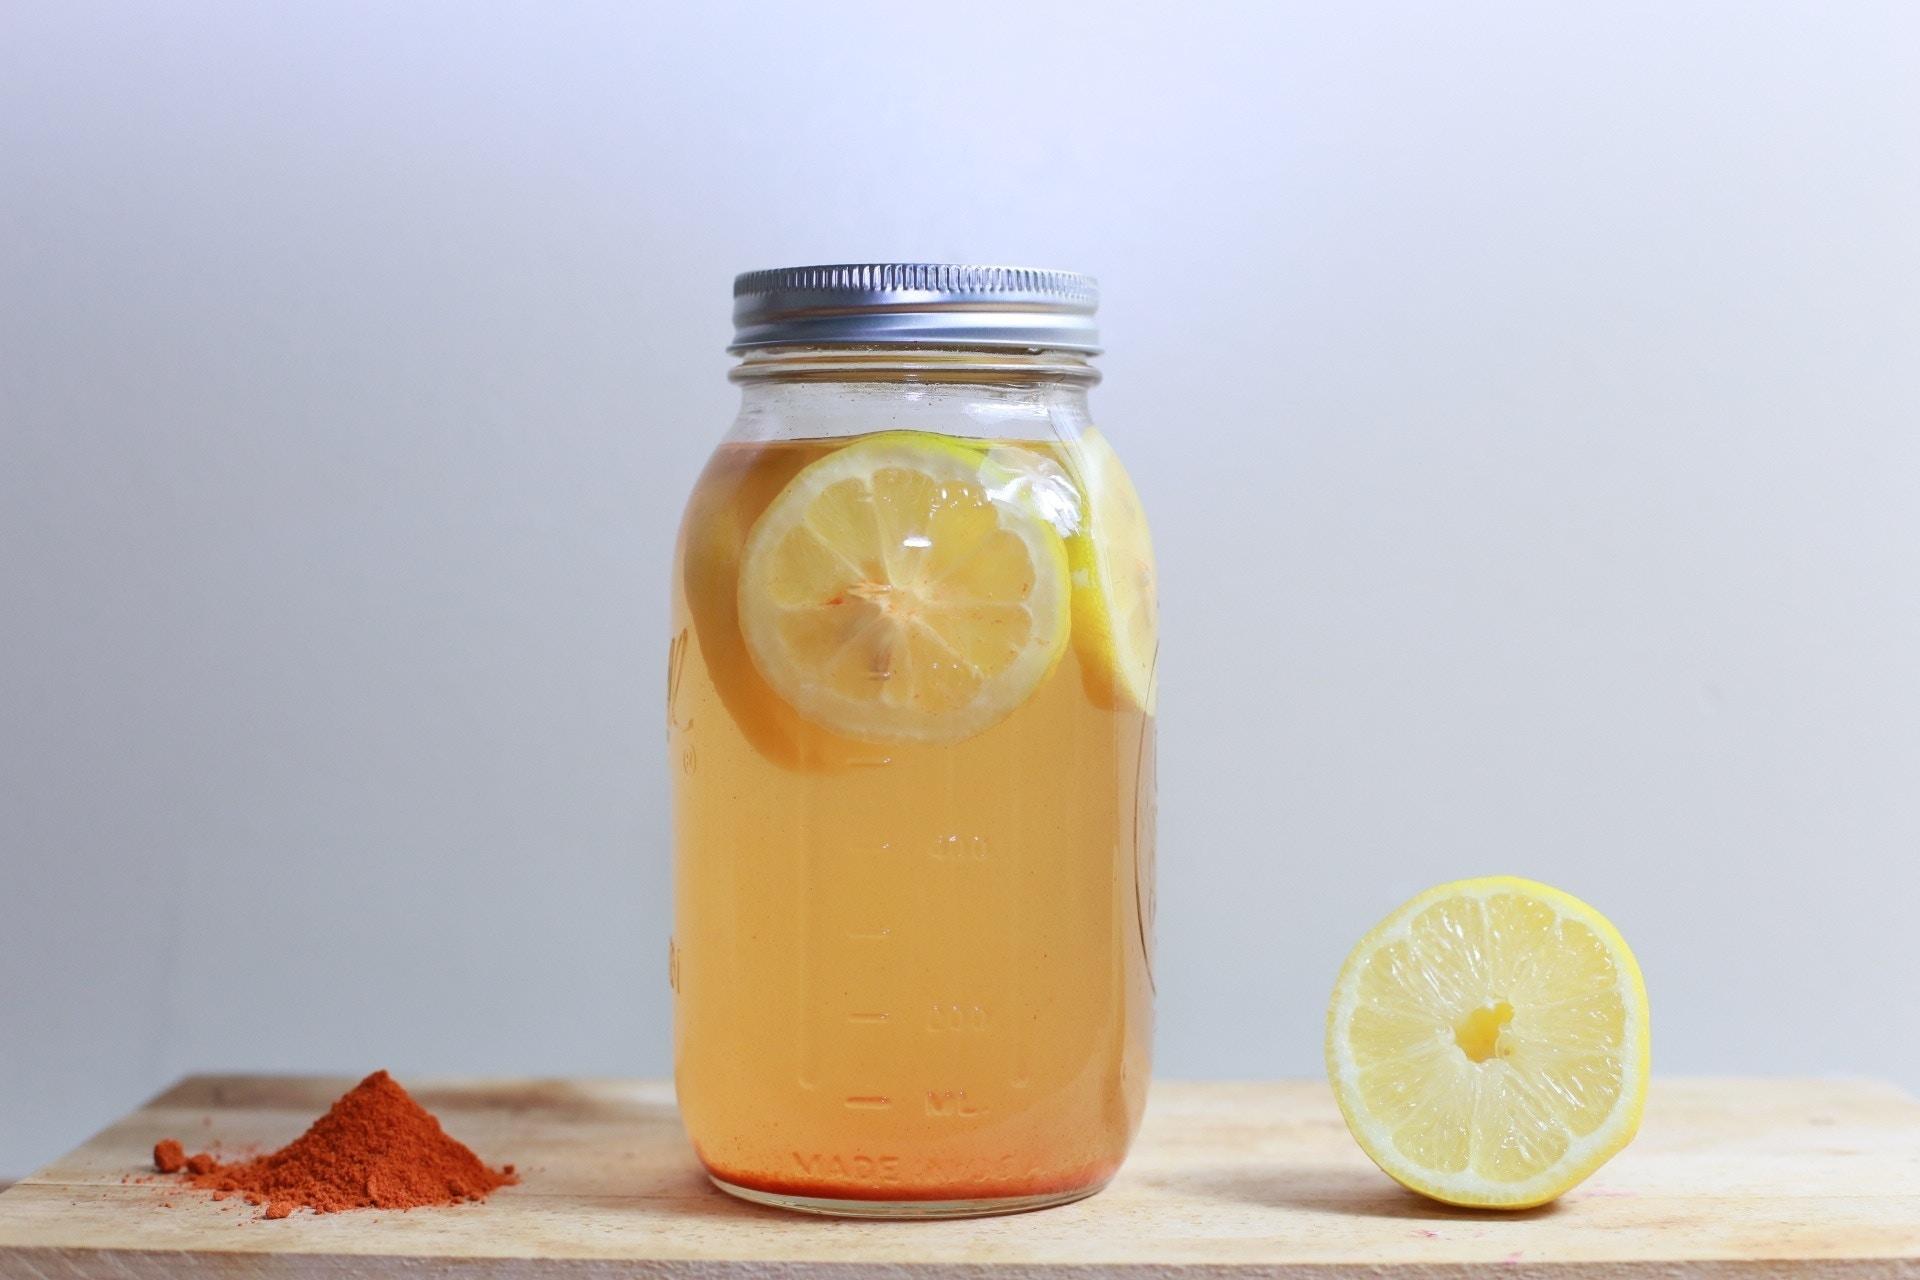 Deze 6 drankjes zorgen voor een platte buik en zorgen ervoor dat je lekker de dag door kan. Deze 6 drankjes zijn gezond voor je lichaam en jij wilt ze allemaal proberen